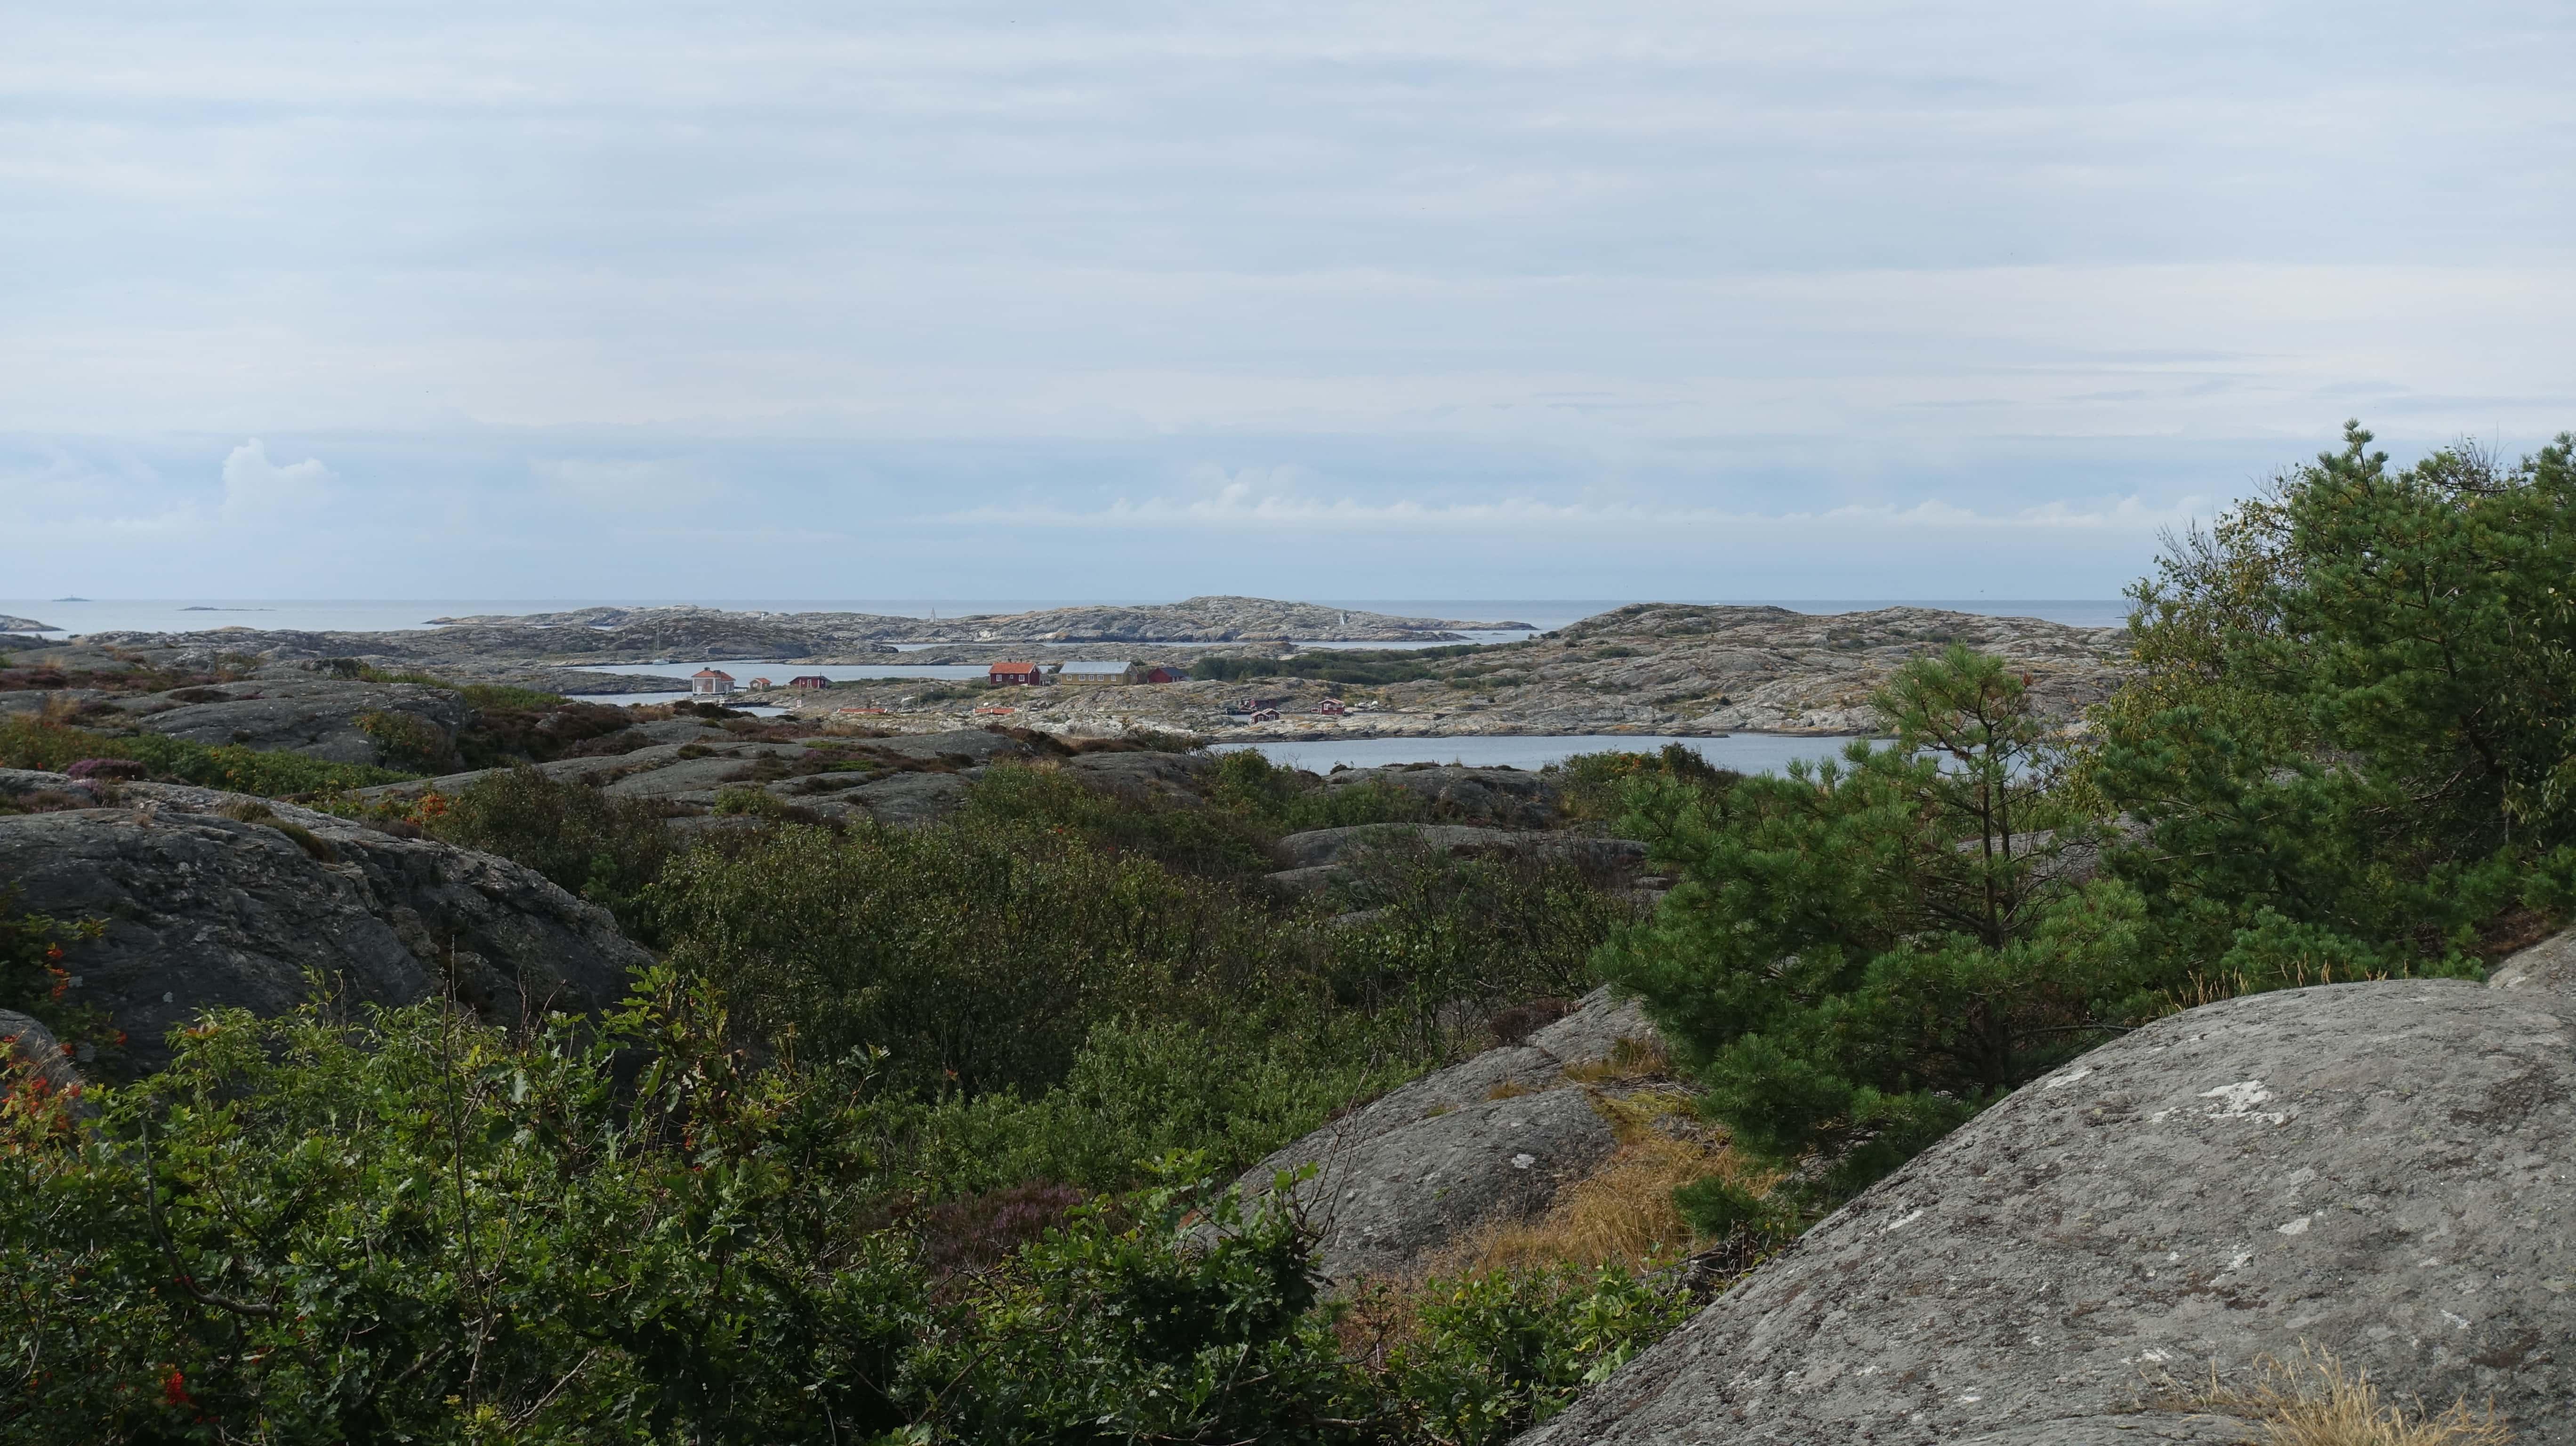 Die Schärenlandschaft an der Westküste wie hier auf Marstrand ist häufig steinig, kahl und rau